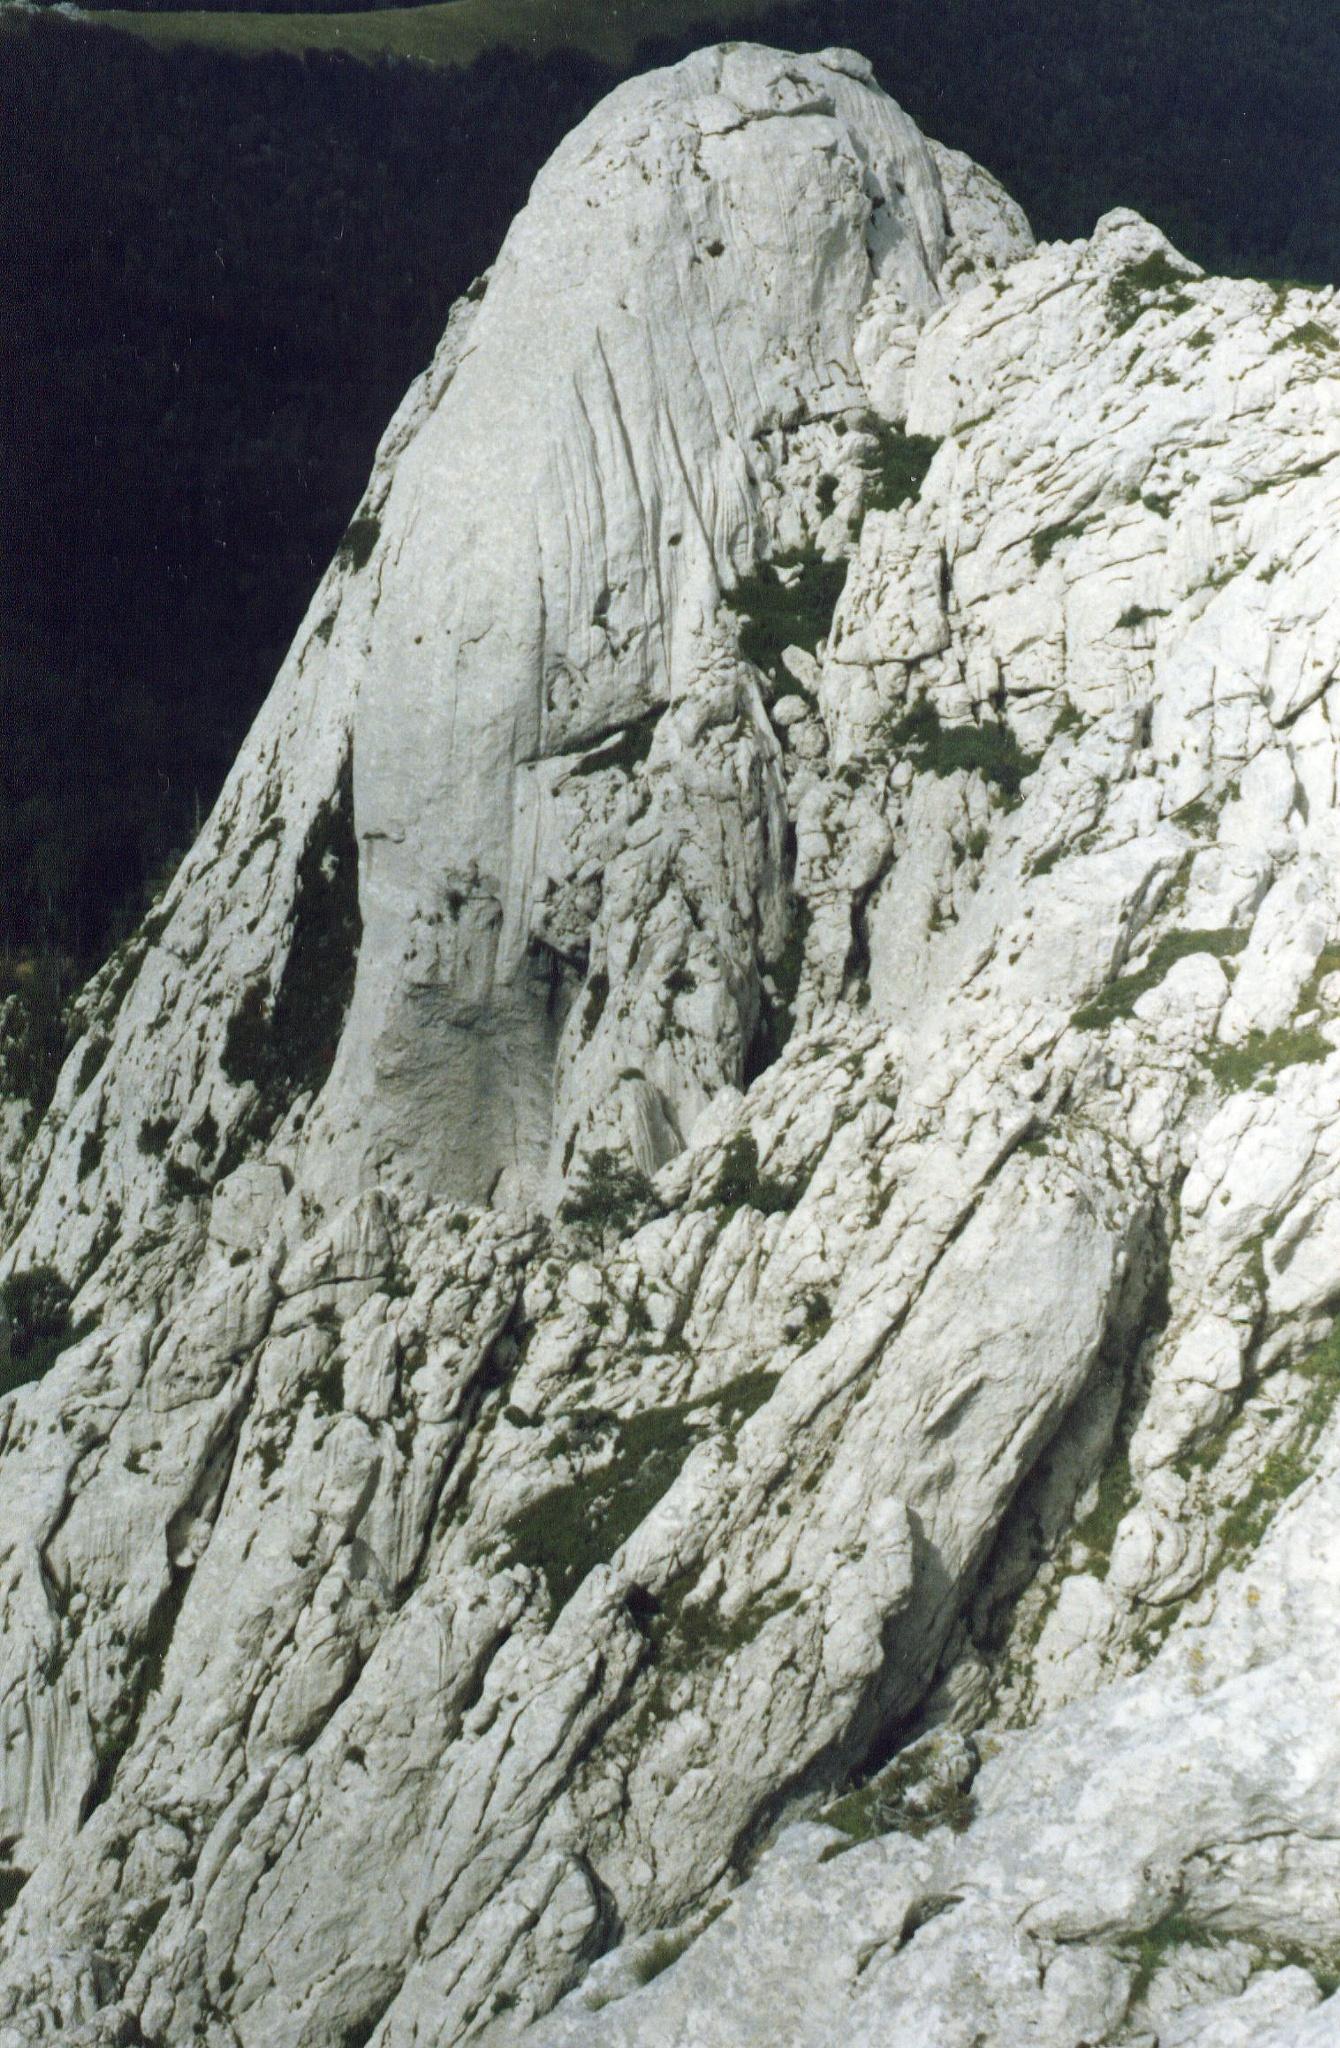 TULOVE GREDE , JUŽNI VELEBIT3.9.1989 CROATIA 1 by zvnktomasevic